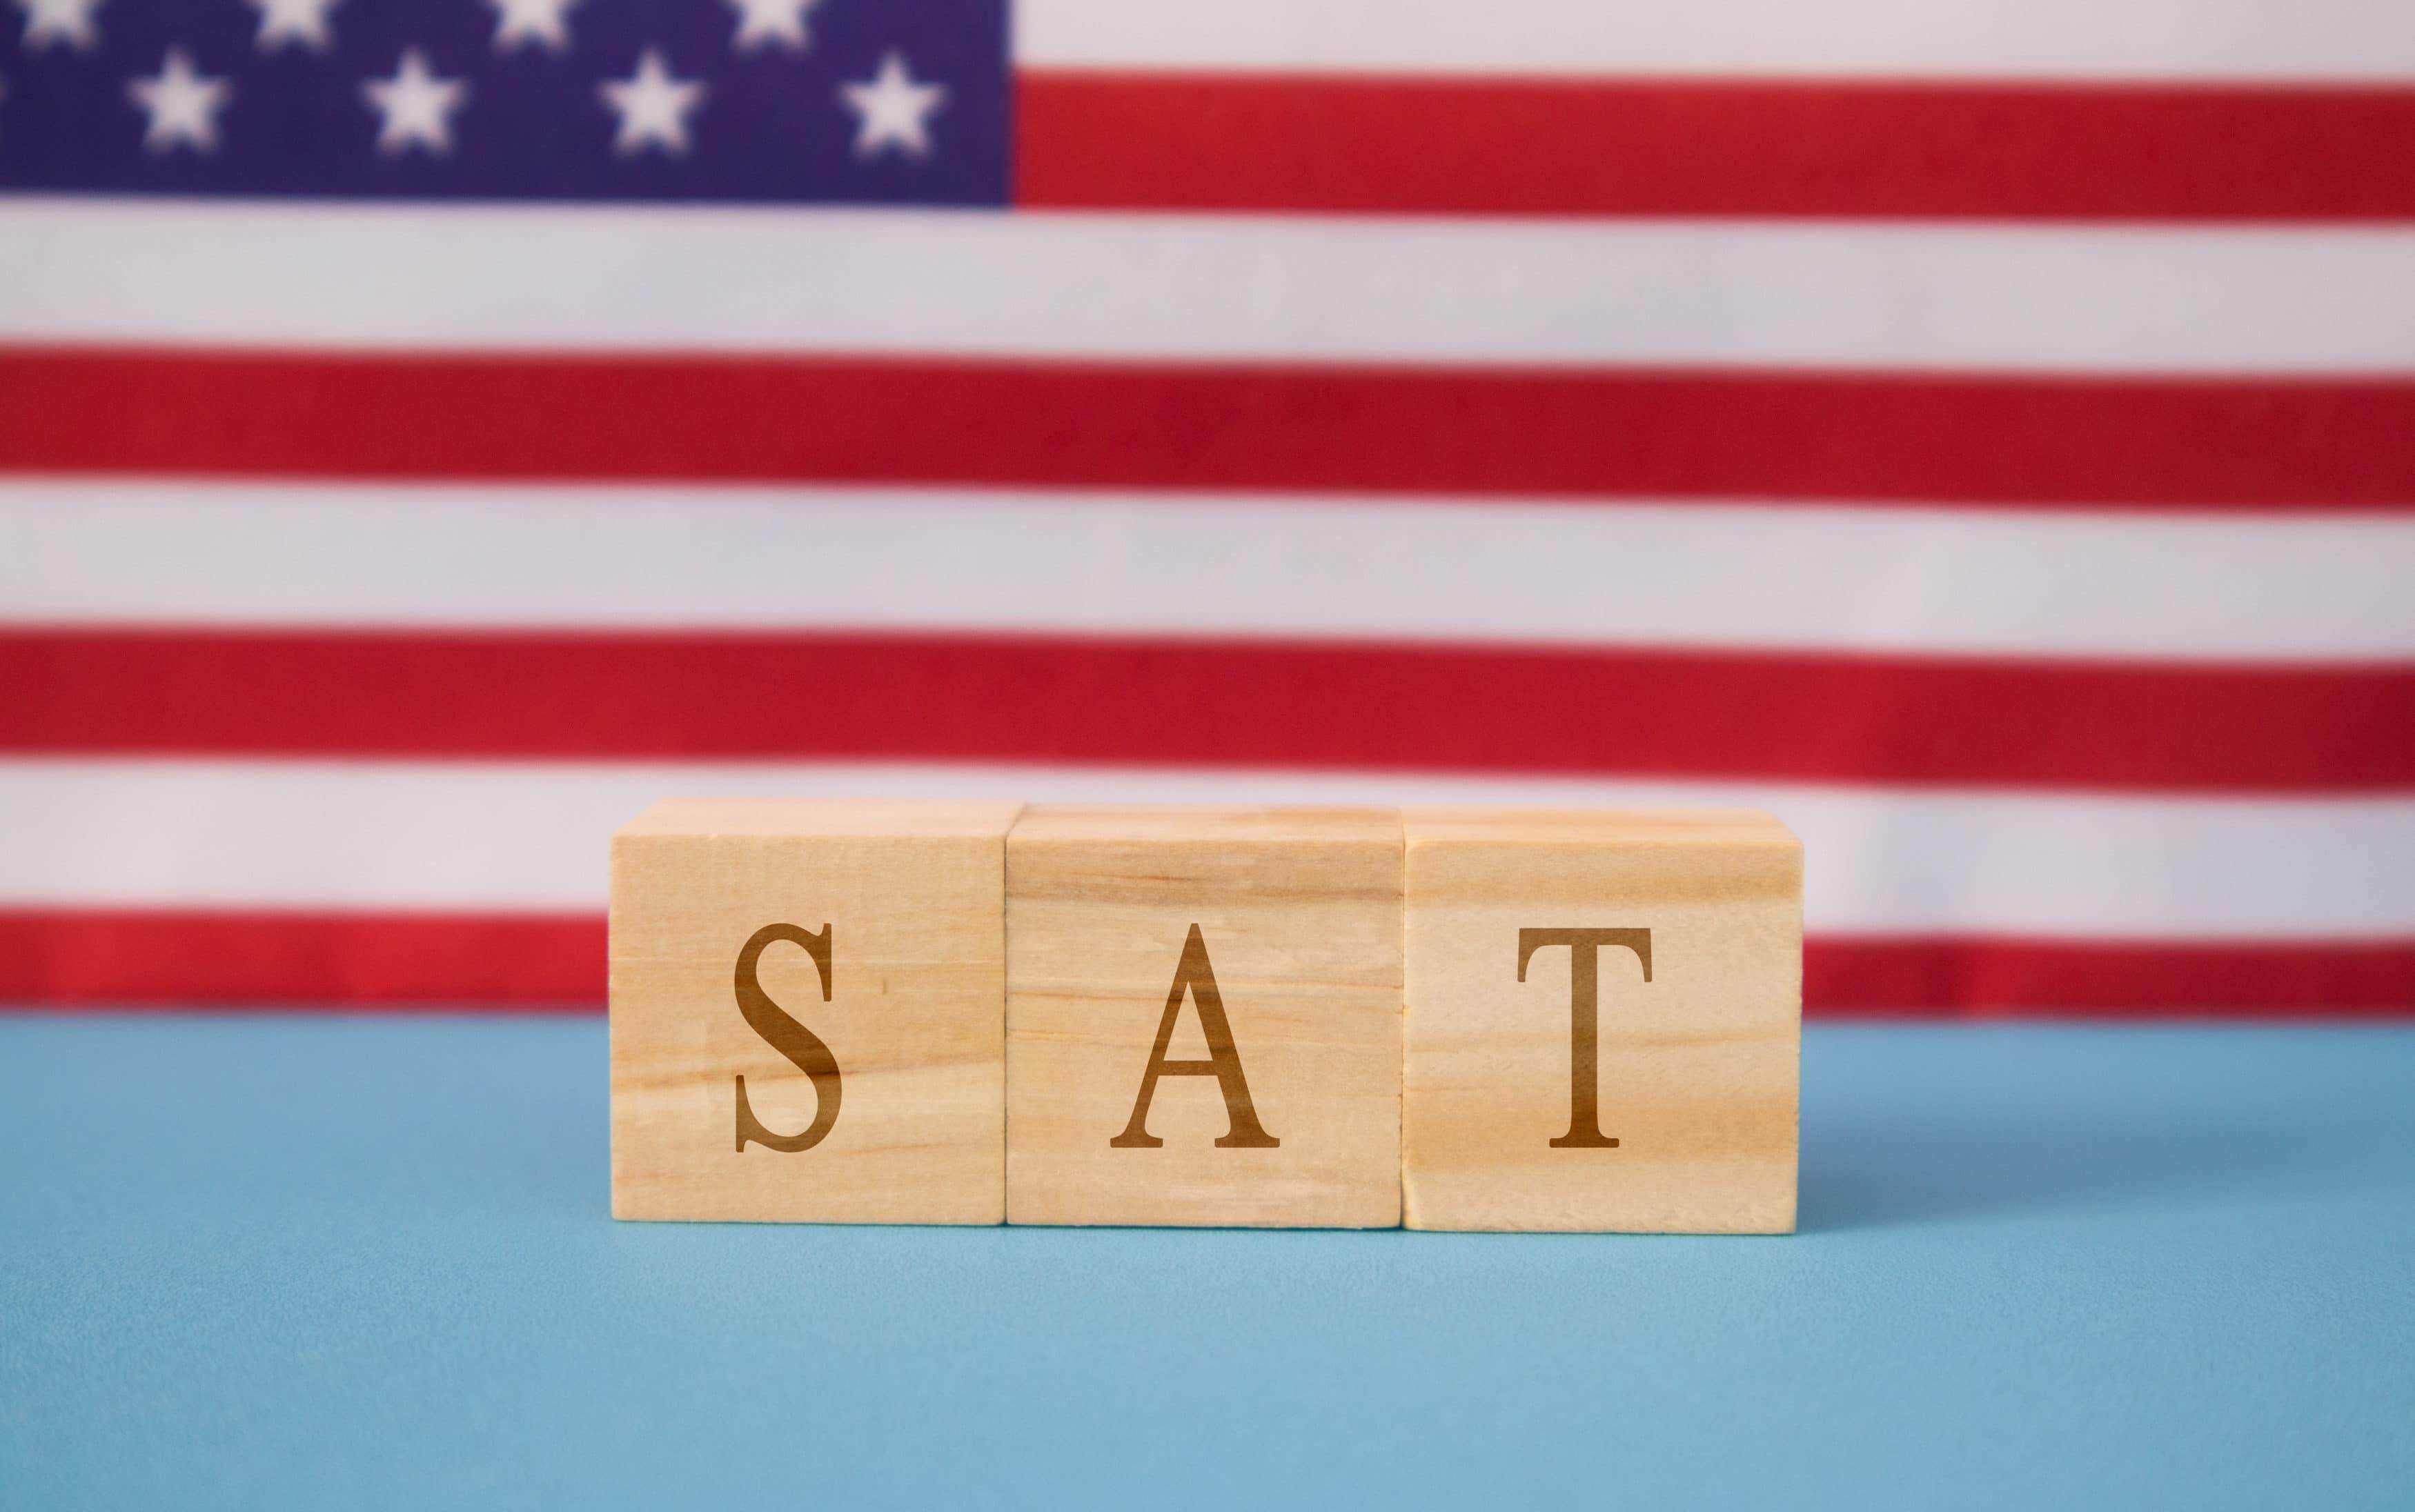 SAT-test-3500x2192.jpeg